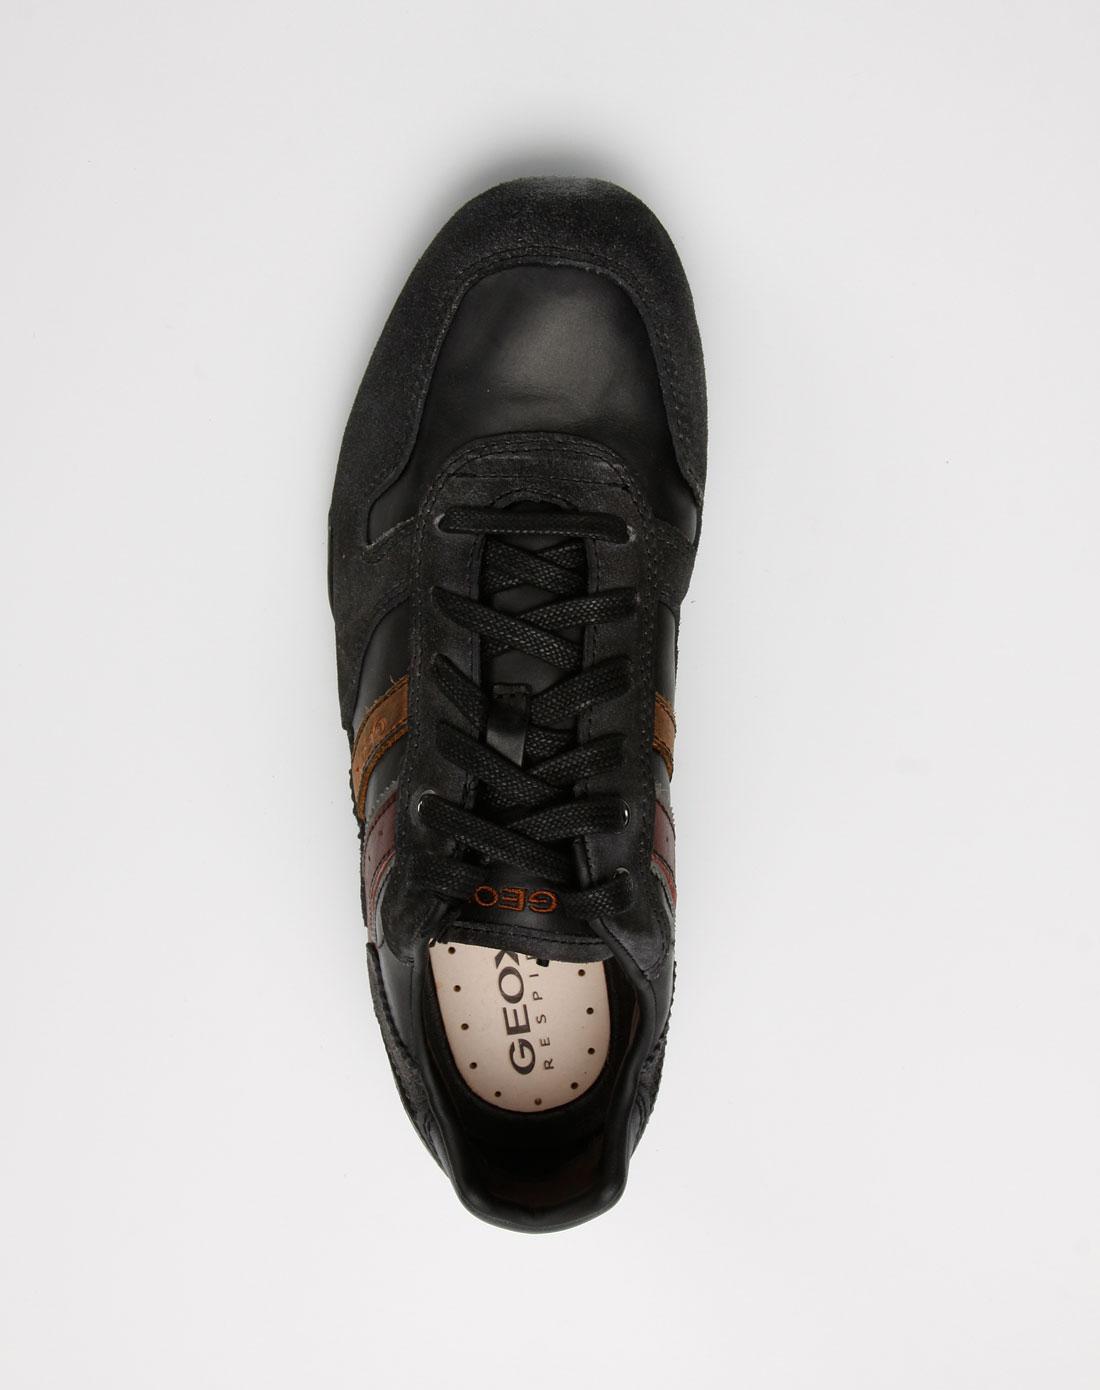 geox男款深灰/黑色牛皮休闲鞋